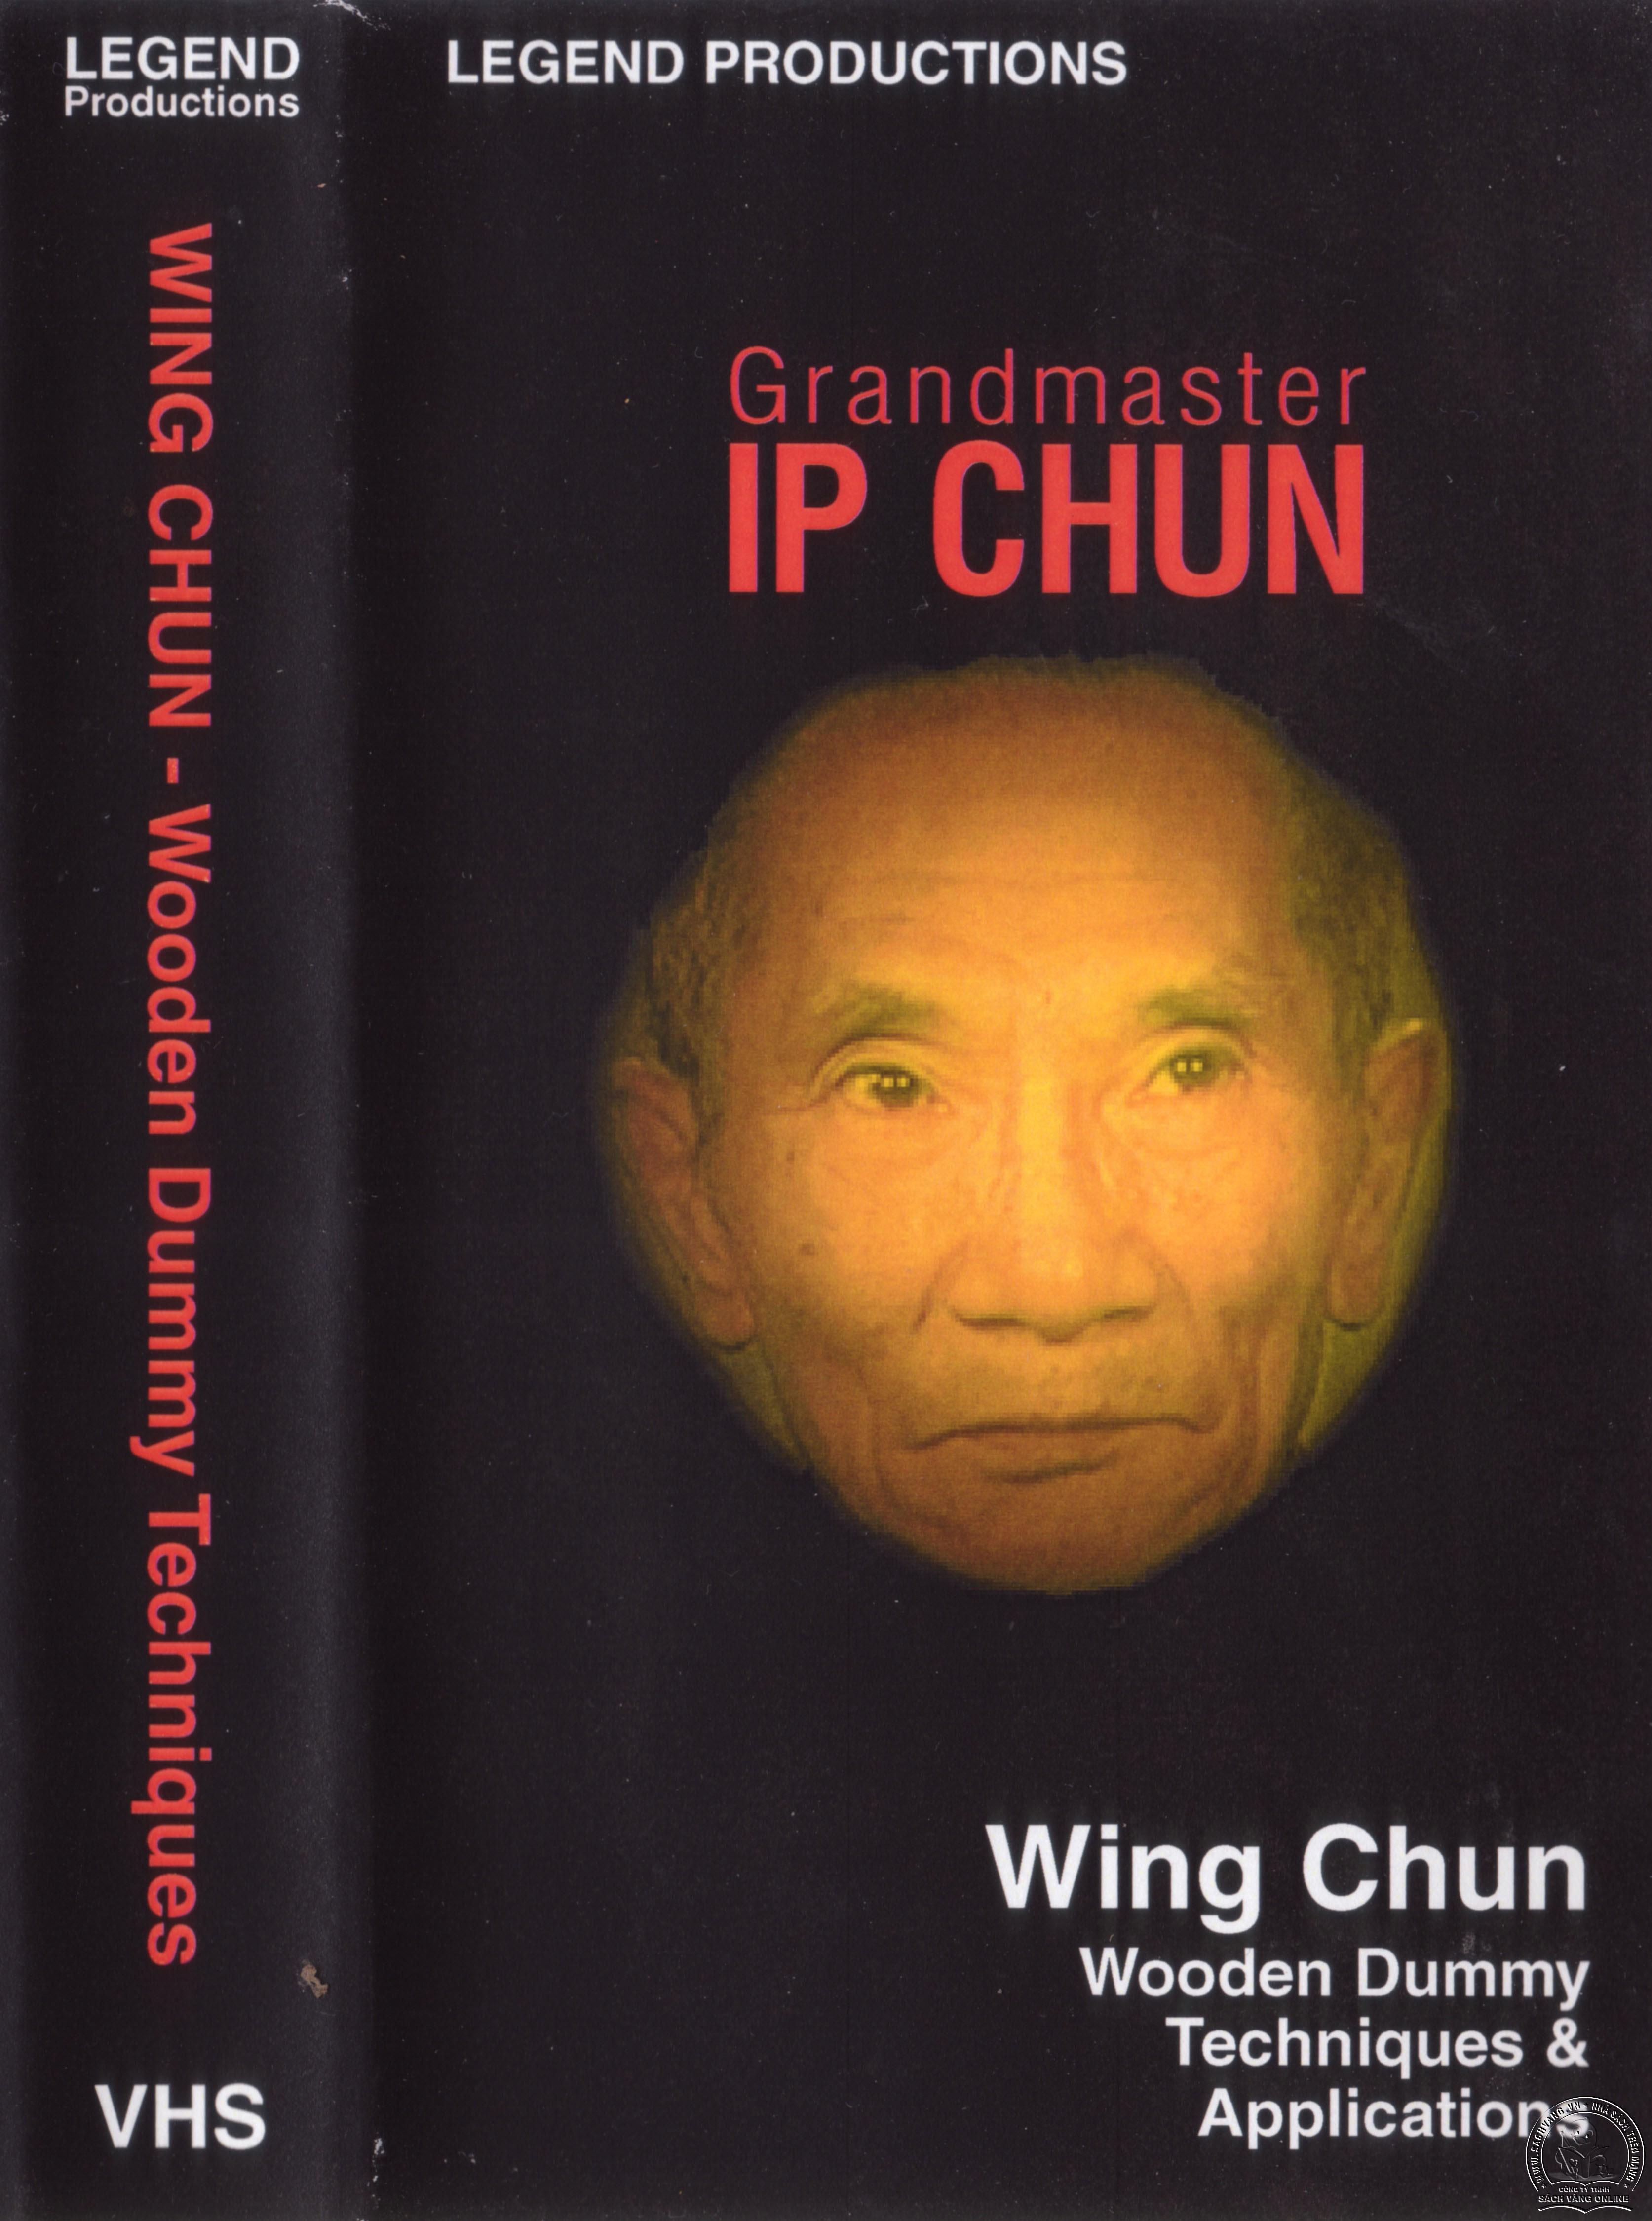 Wing Chun Wooden Dummy with IP Chun - Kỹ Thuật Đánh Mộc Nhân Vịnh Xuân